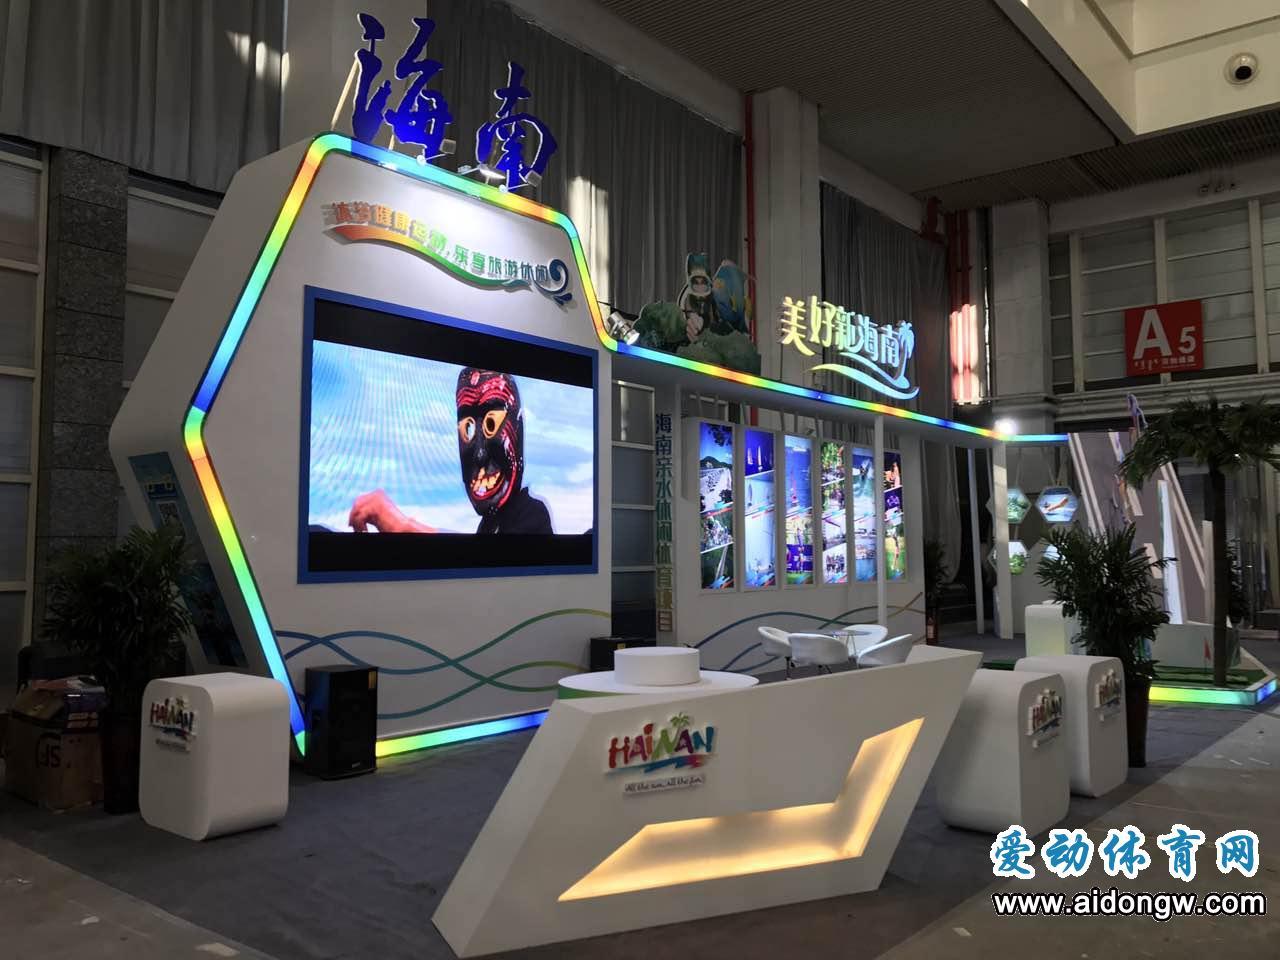 2017中国体育文化·体育旅游博览会明日开幕 海南展区值得期待